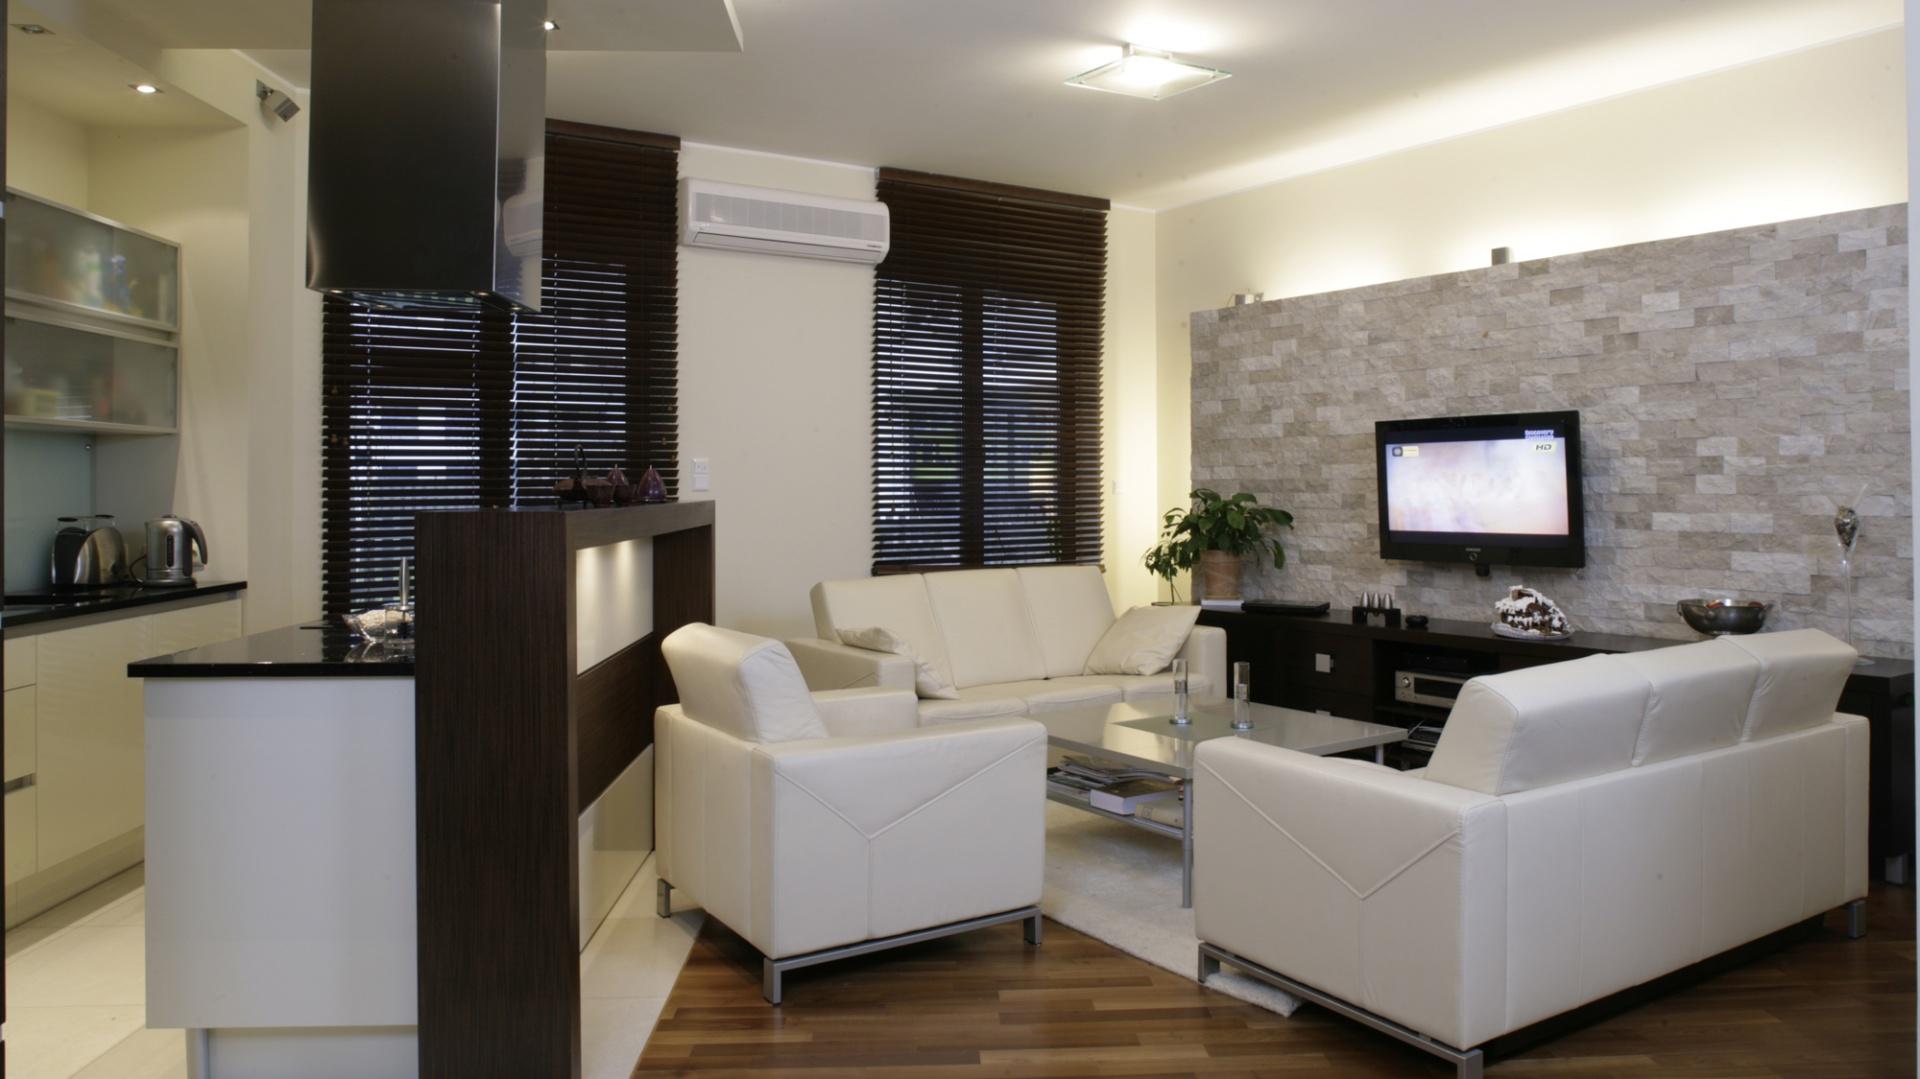 Zarówno salon, jak i kuchnia zostały urządzone w tym samym minimalistycznym stylu – tylko niezbędne sprzęty w prostych, eleganckich liniach. Ciepłą nutę  wprowadza podłoga pokryta akacją parzoną i przesłaniające okna drewniane żaluzje. Fot. Monika Filipiuk.